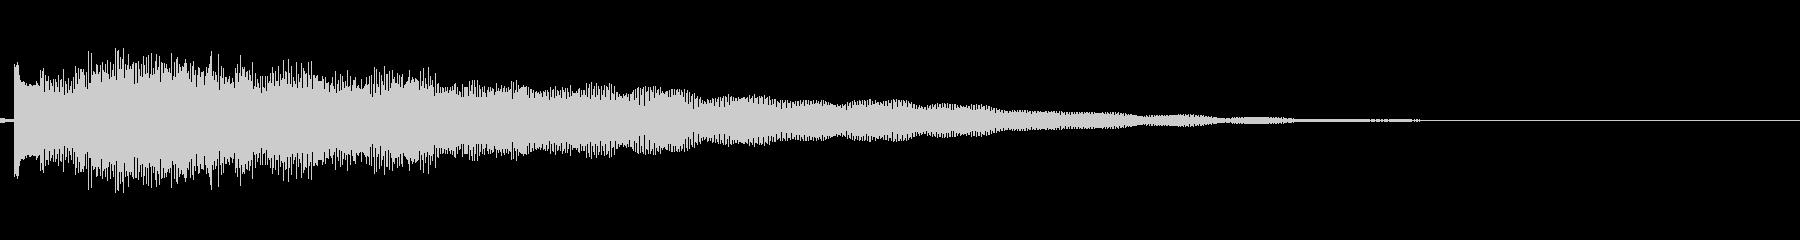 ギターによる謎めいた場面転換音の未再生の波形